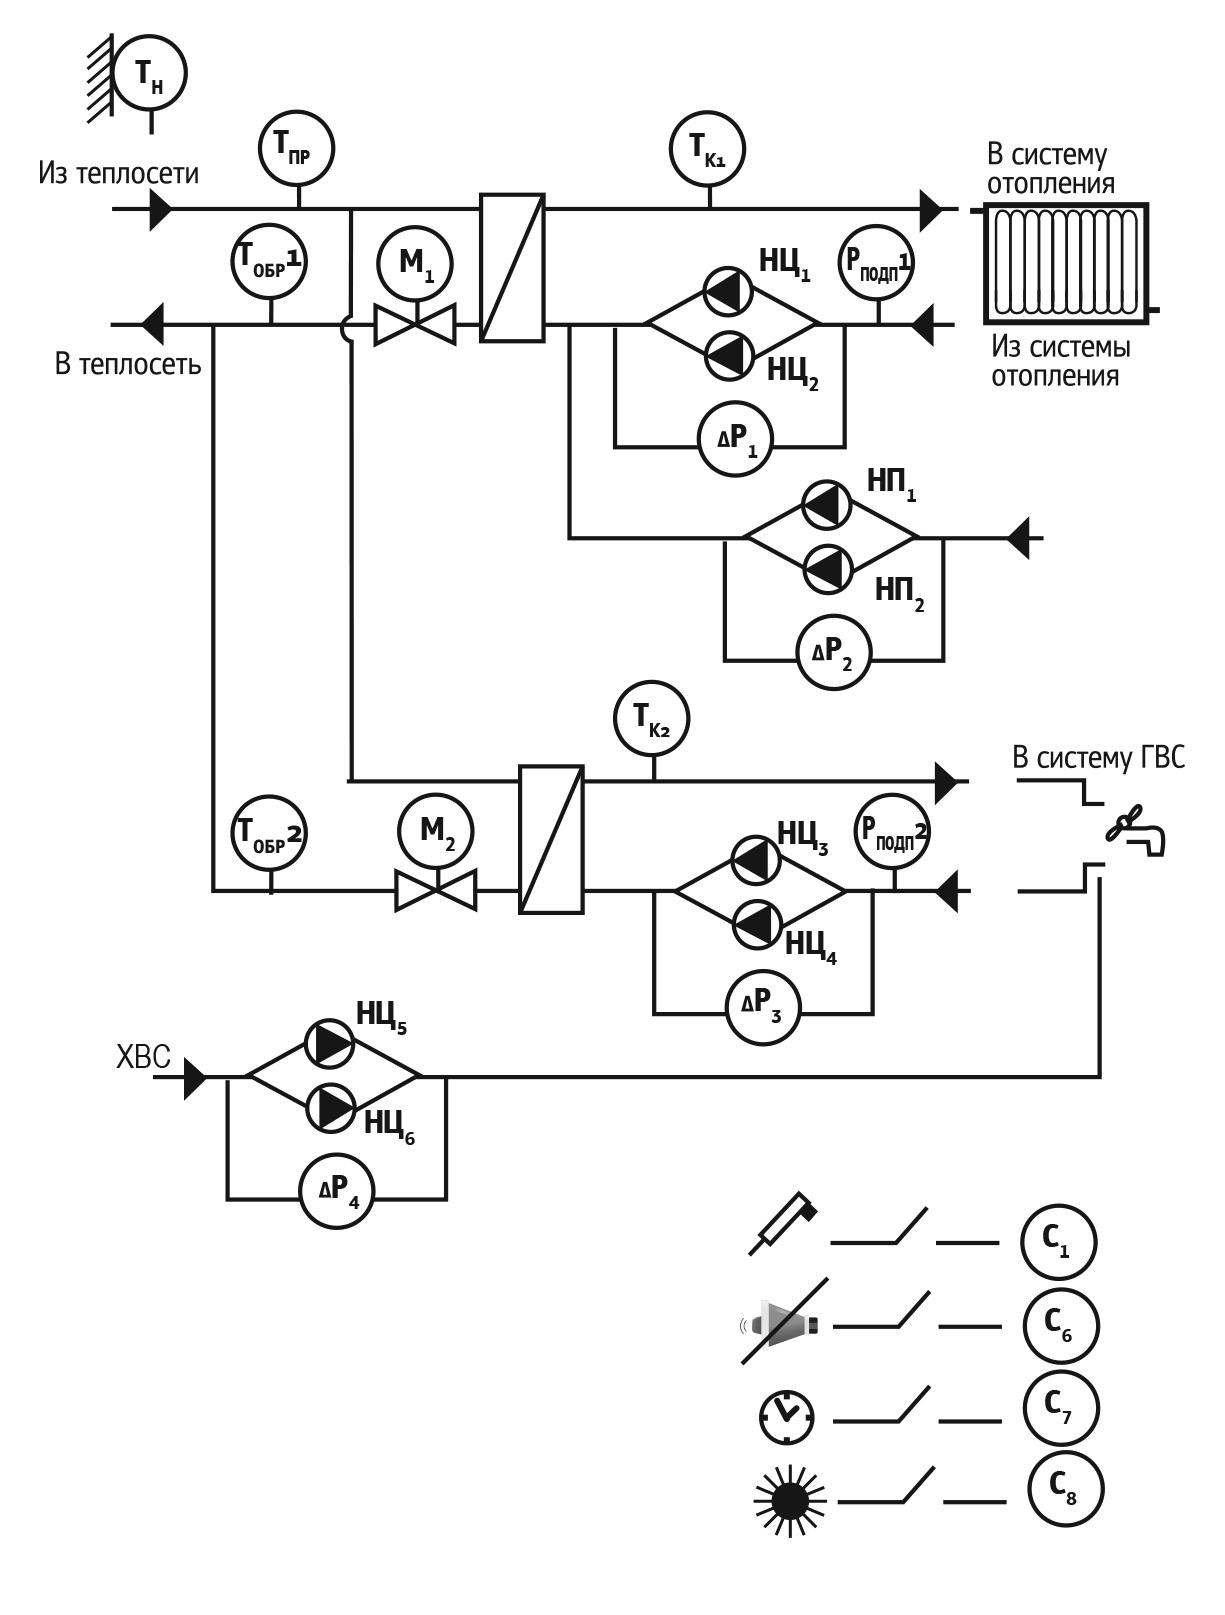 Схема №5: два независимых контура – Отопление + ГВС